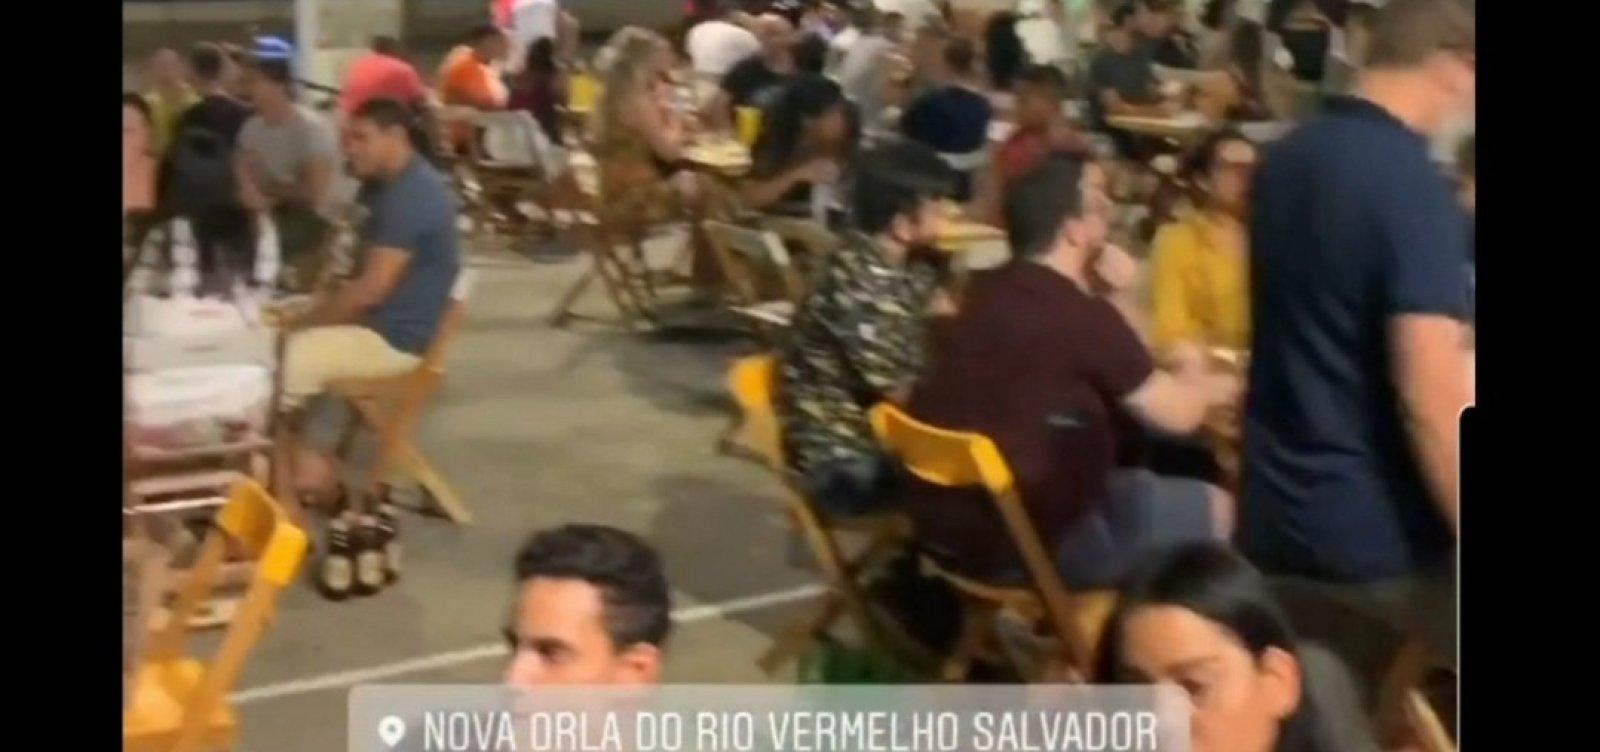 [Em 1ª sexta com bares e restaurantes abertos, Largo da Dinha tem mesas cheias e pessoas sem máscara]